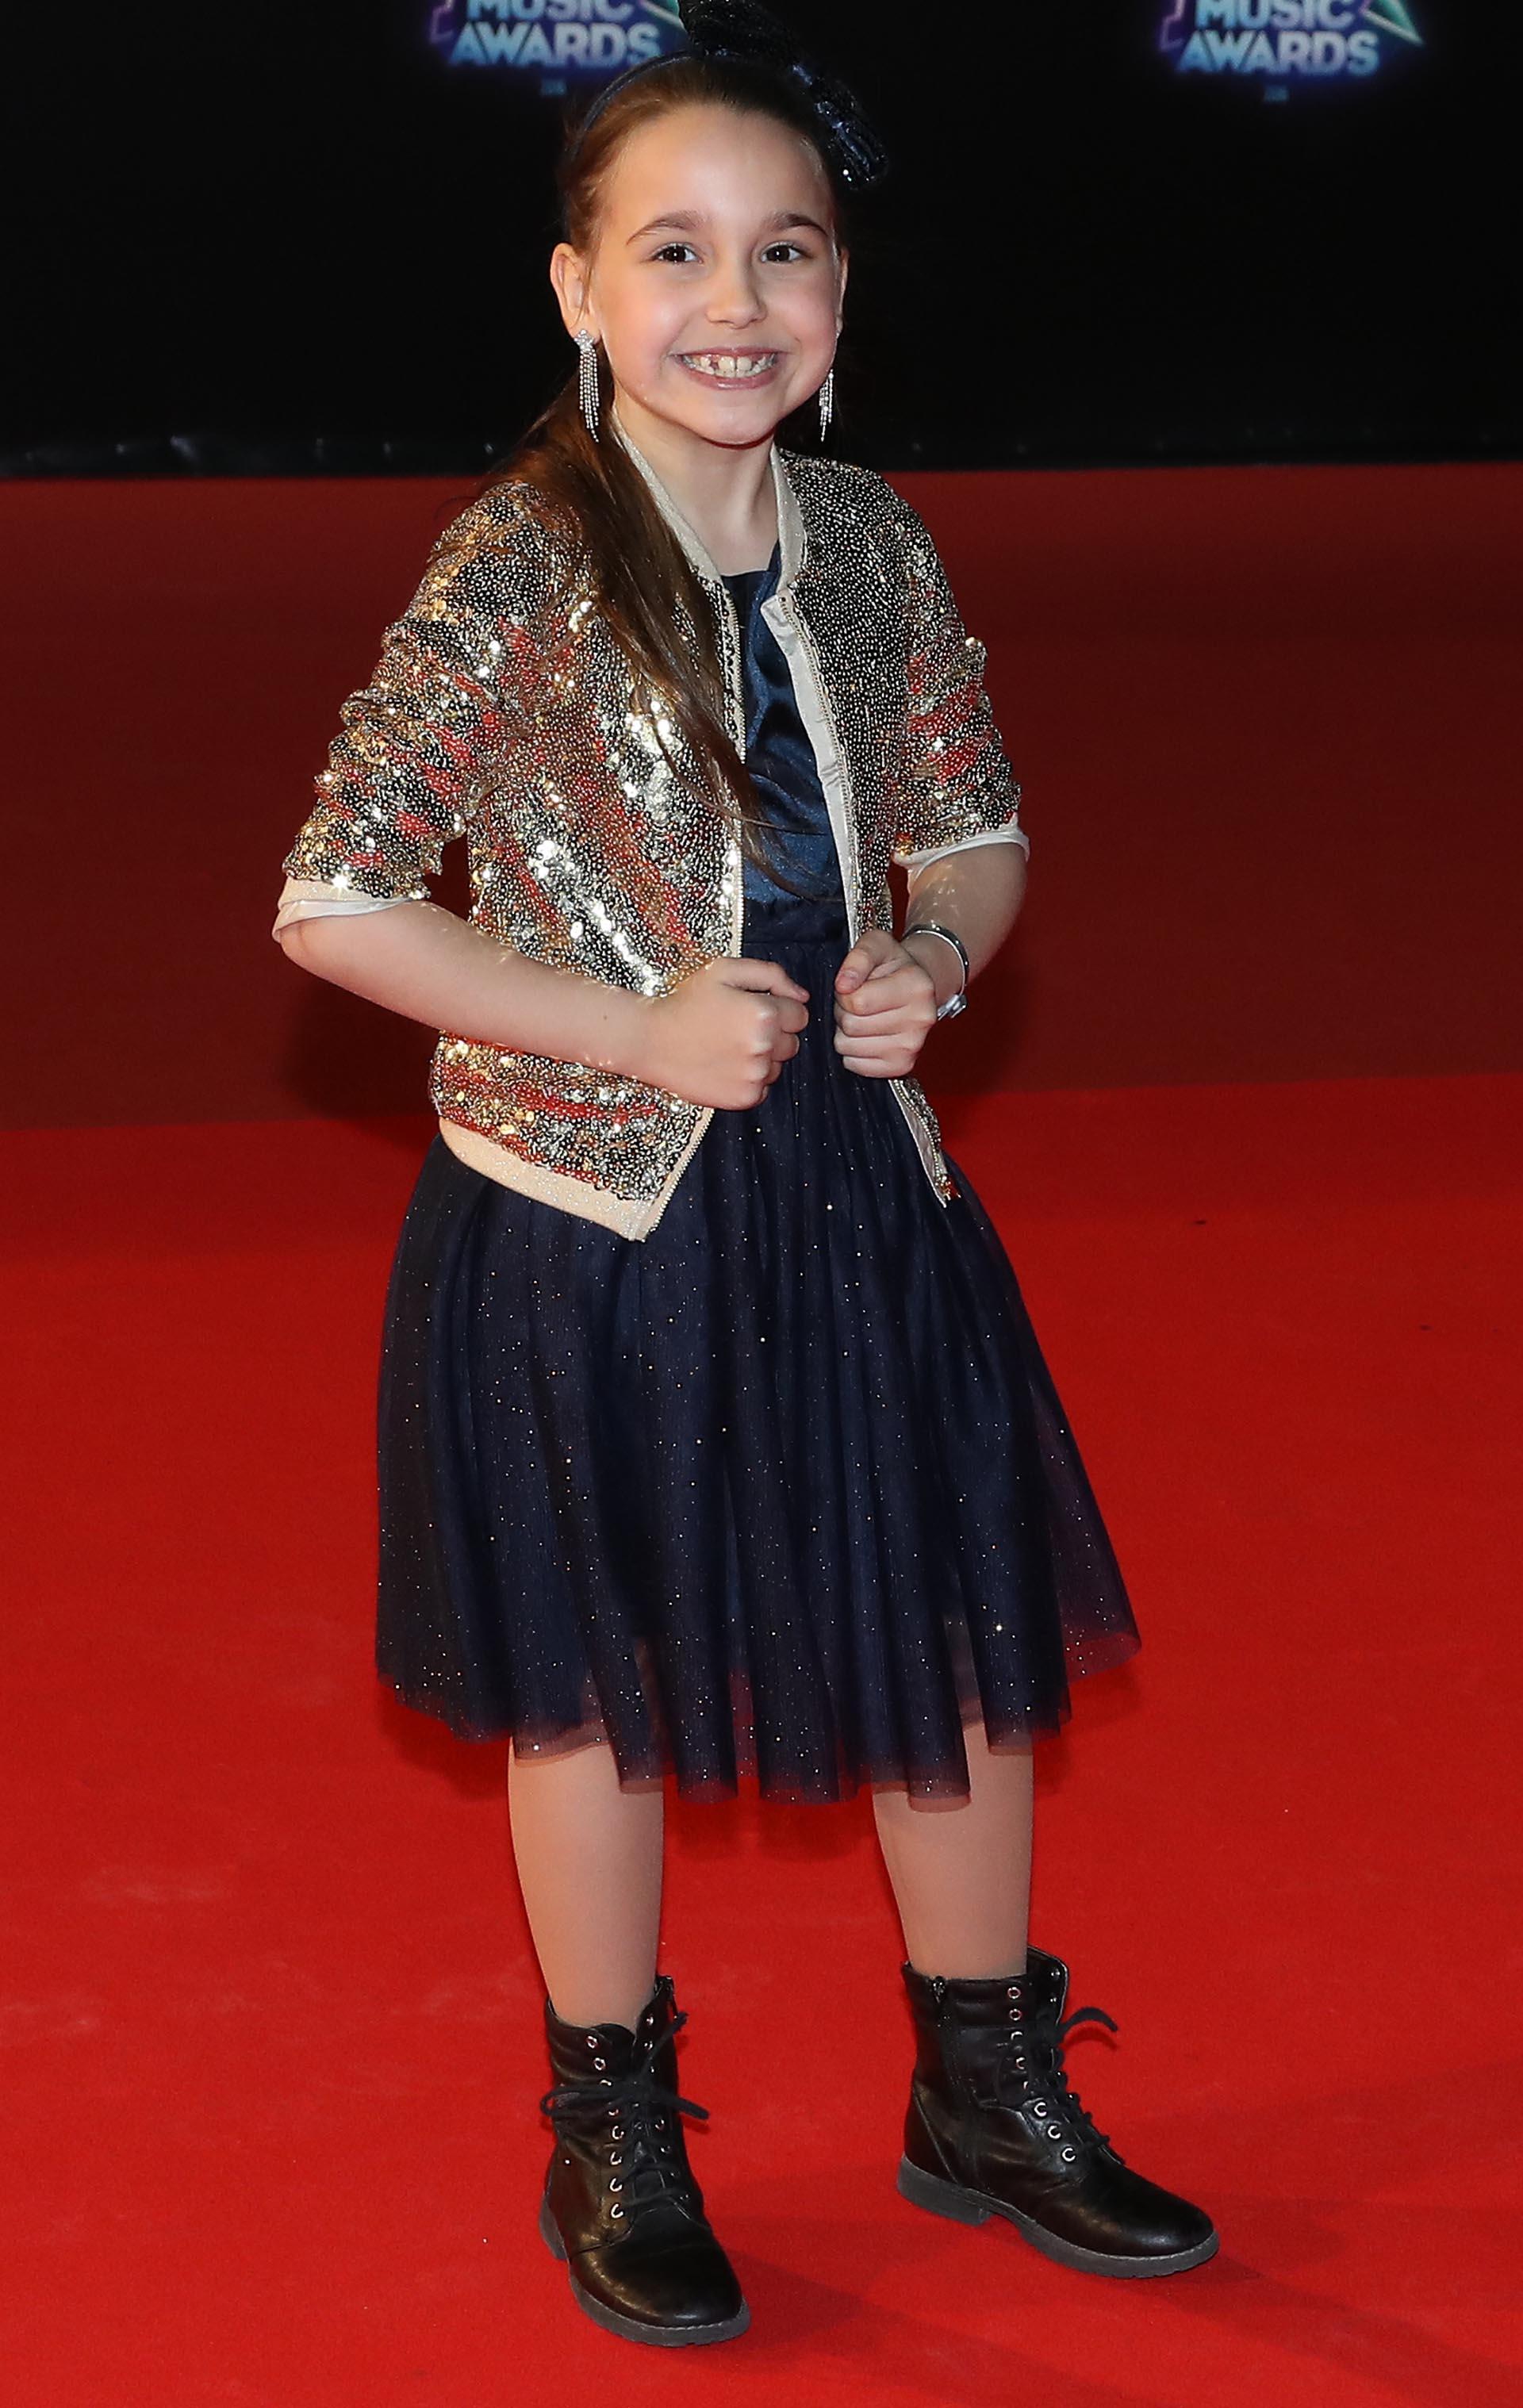 La pequeña Manuela, integrante de la banda francesa Kids United's, también eligió un look con mucho brillo y borceguíes